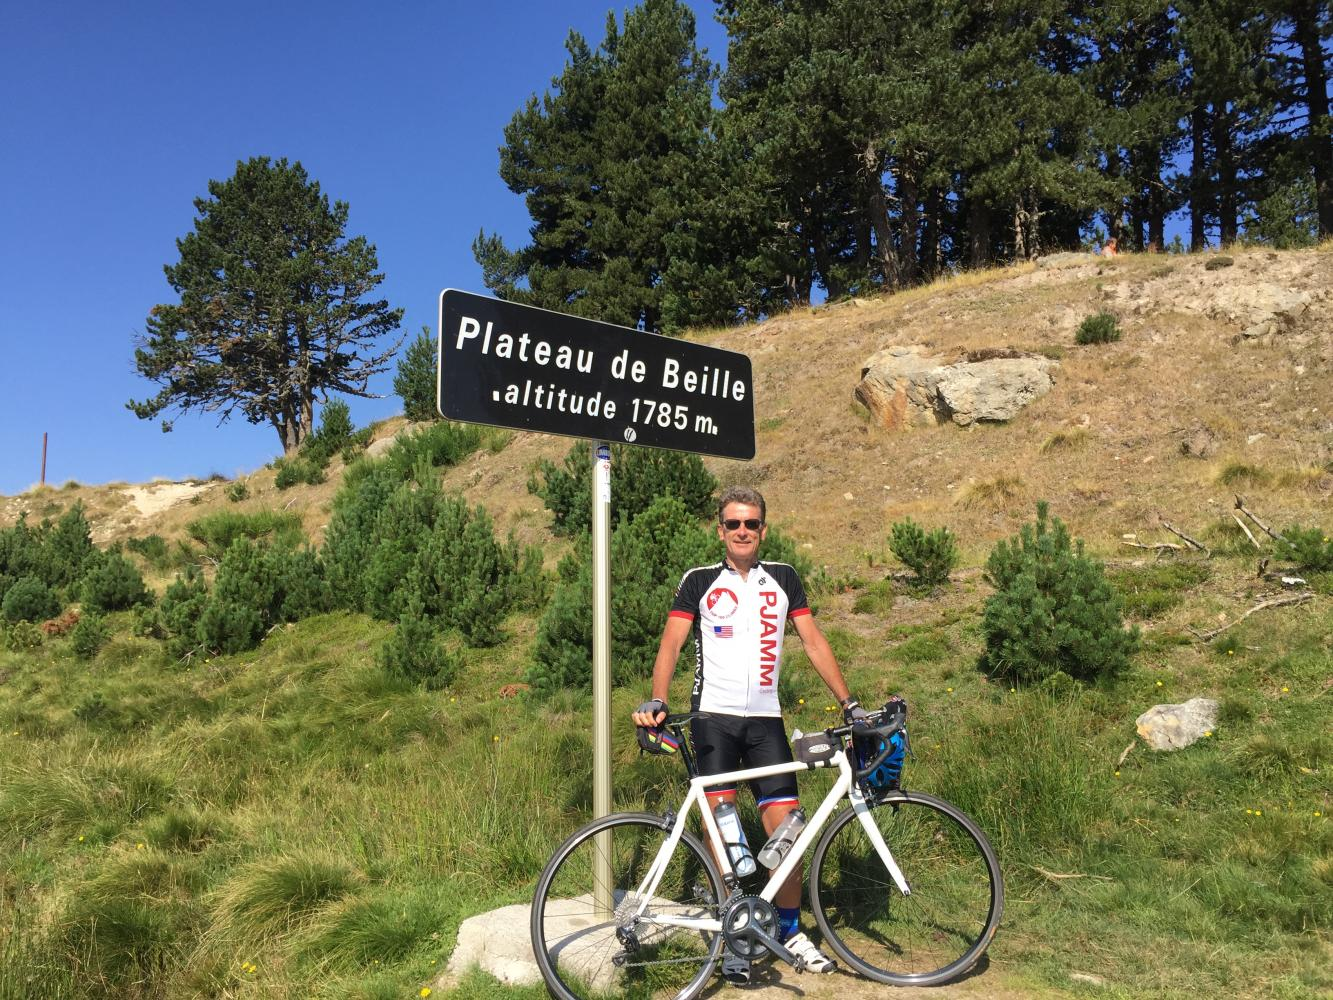 Plateau de Beille Bike Climb - PJAMM Cycling